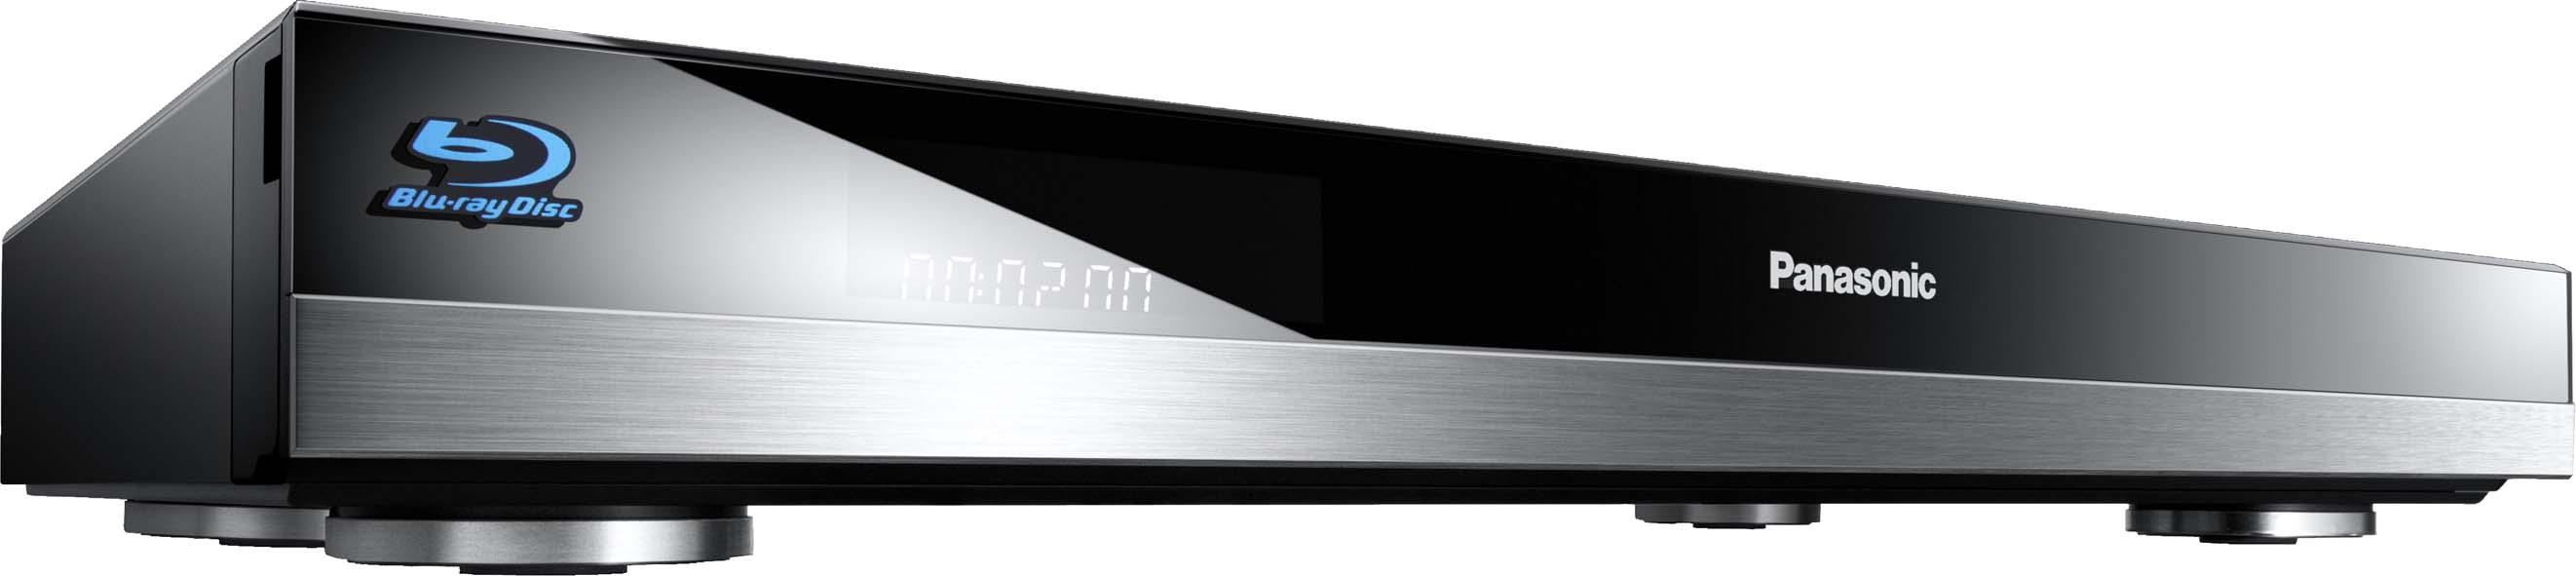 Lecteur Blu-ray 3D Panasonic DMP-BDT500EG